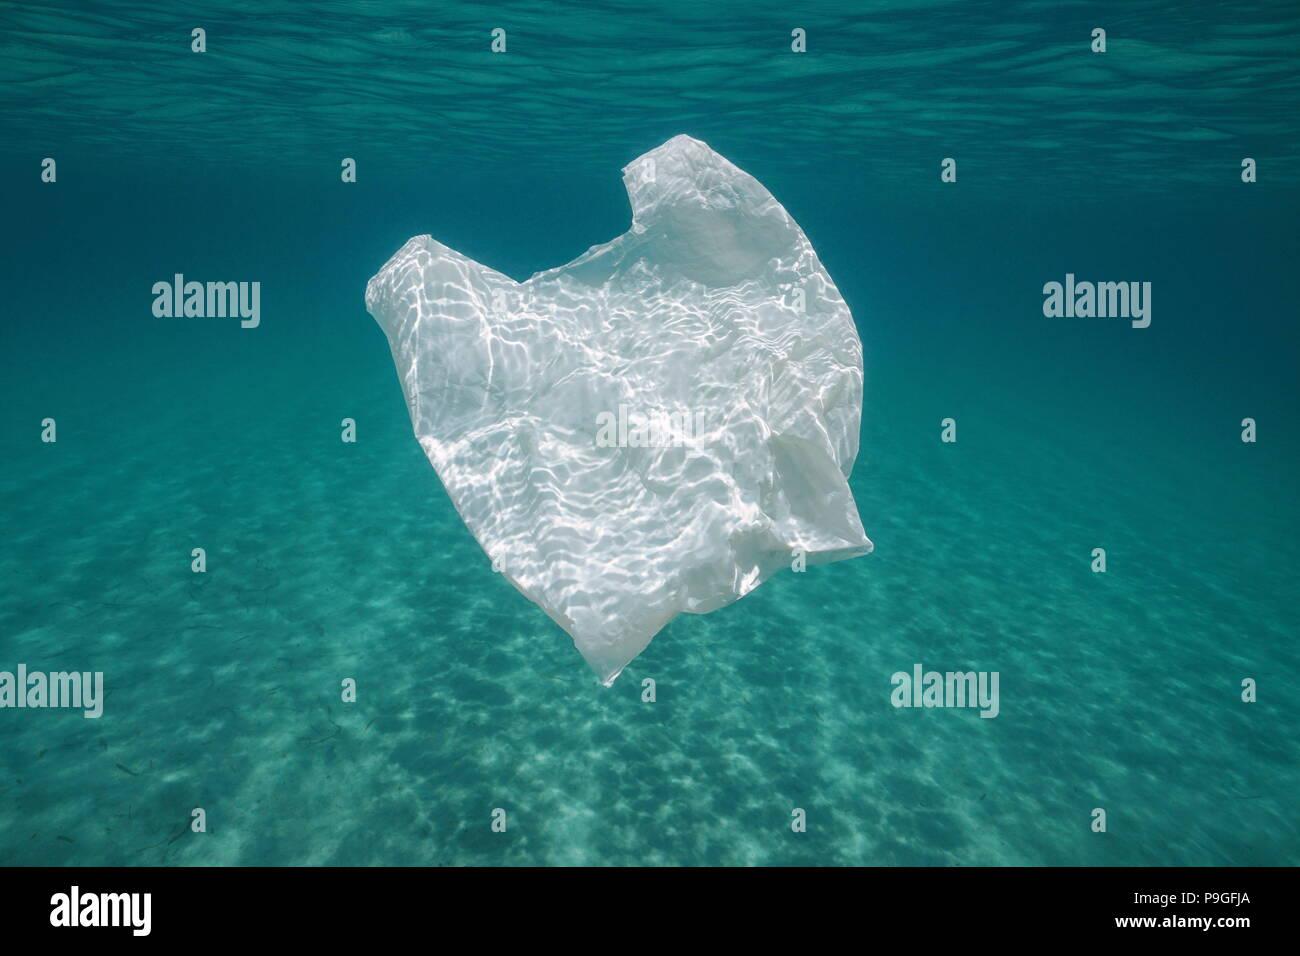 La pollution sous-marine un sac en plastique dans la mer, entre la surface de l'eau et une plage de sable fin de la Méditerranée, des fonds marins, Almeria, Andalousie, Espagne Photo Stock